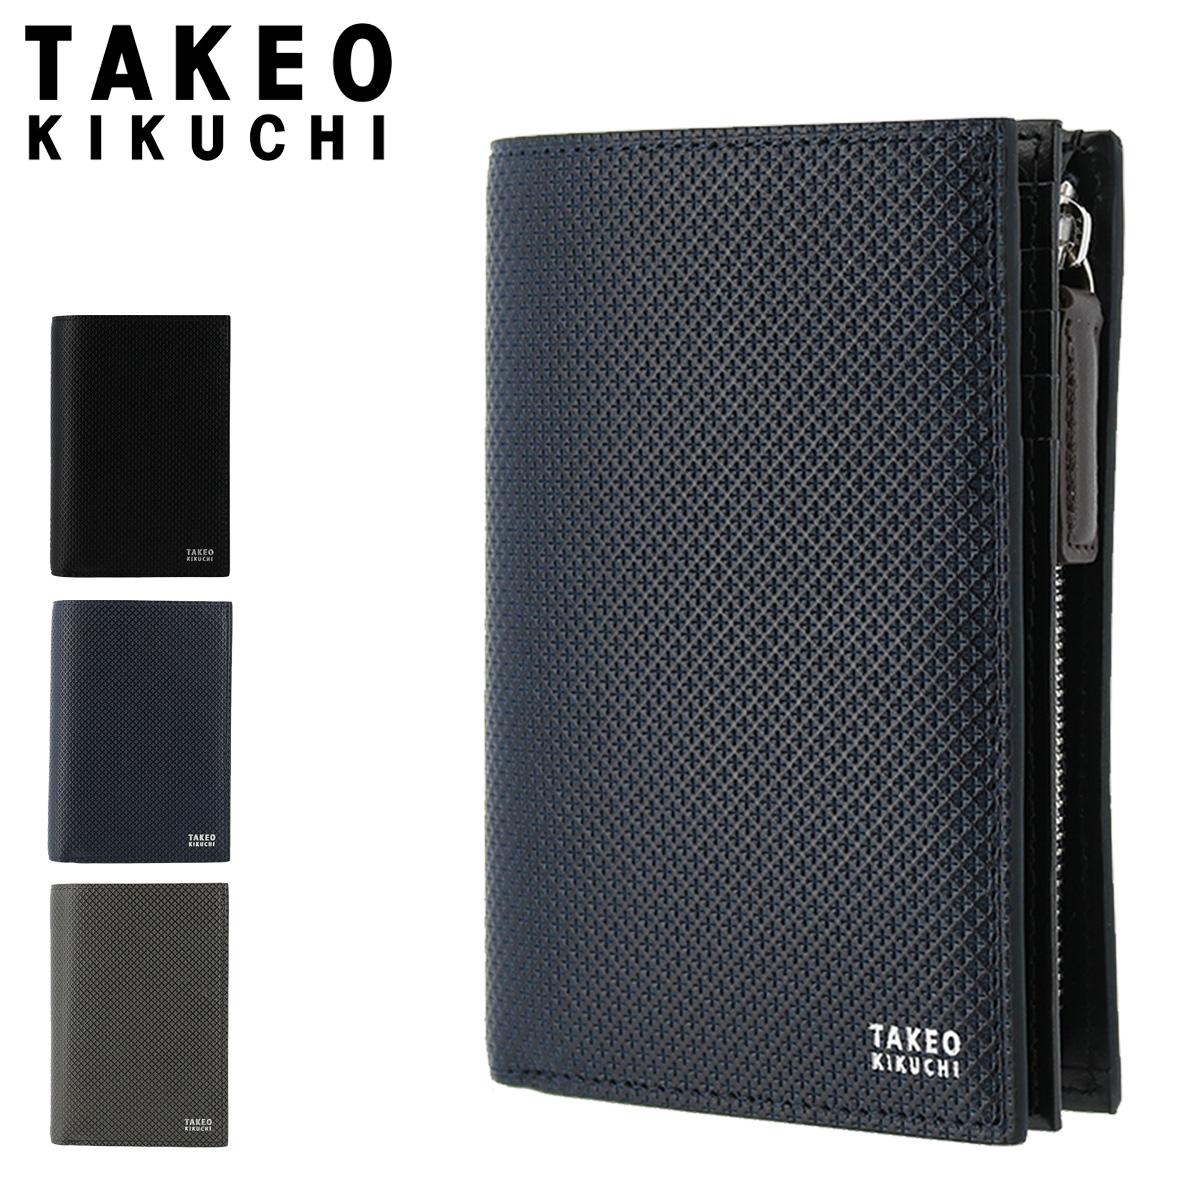 タケオキクチ 二つ折り財布 L字ファスナー バース メンズ 706625 TAKEO KIKUCHI | 本革 レザー ブランド専用BOX付き[PO5][bef]